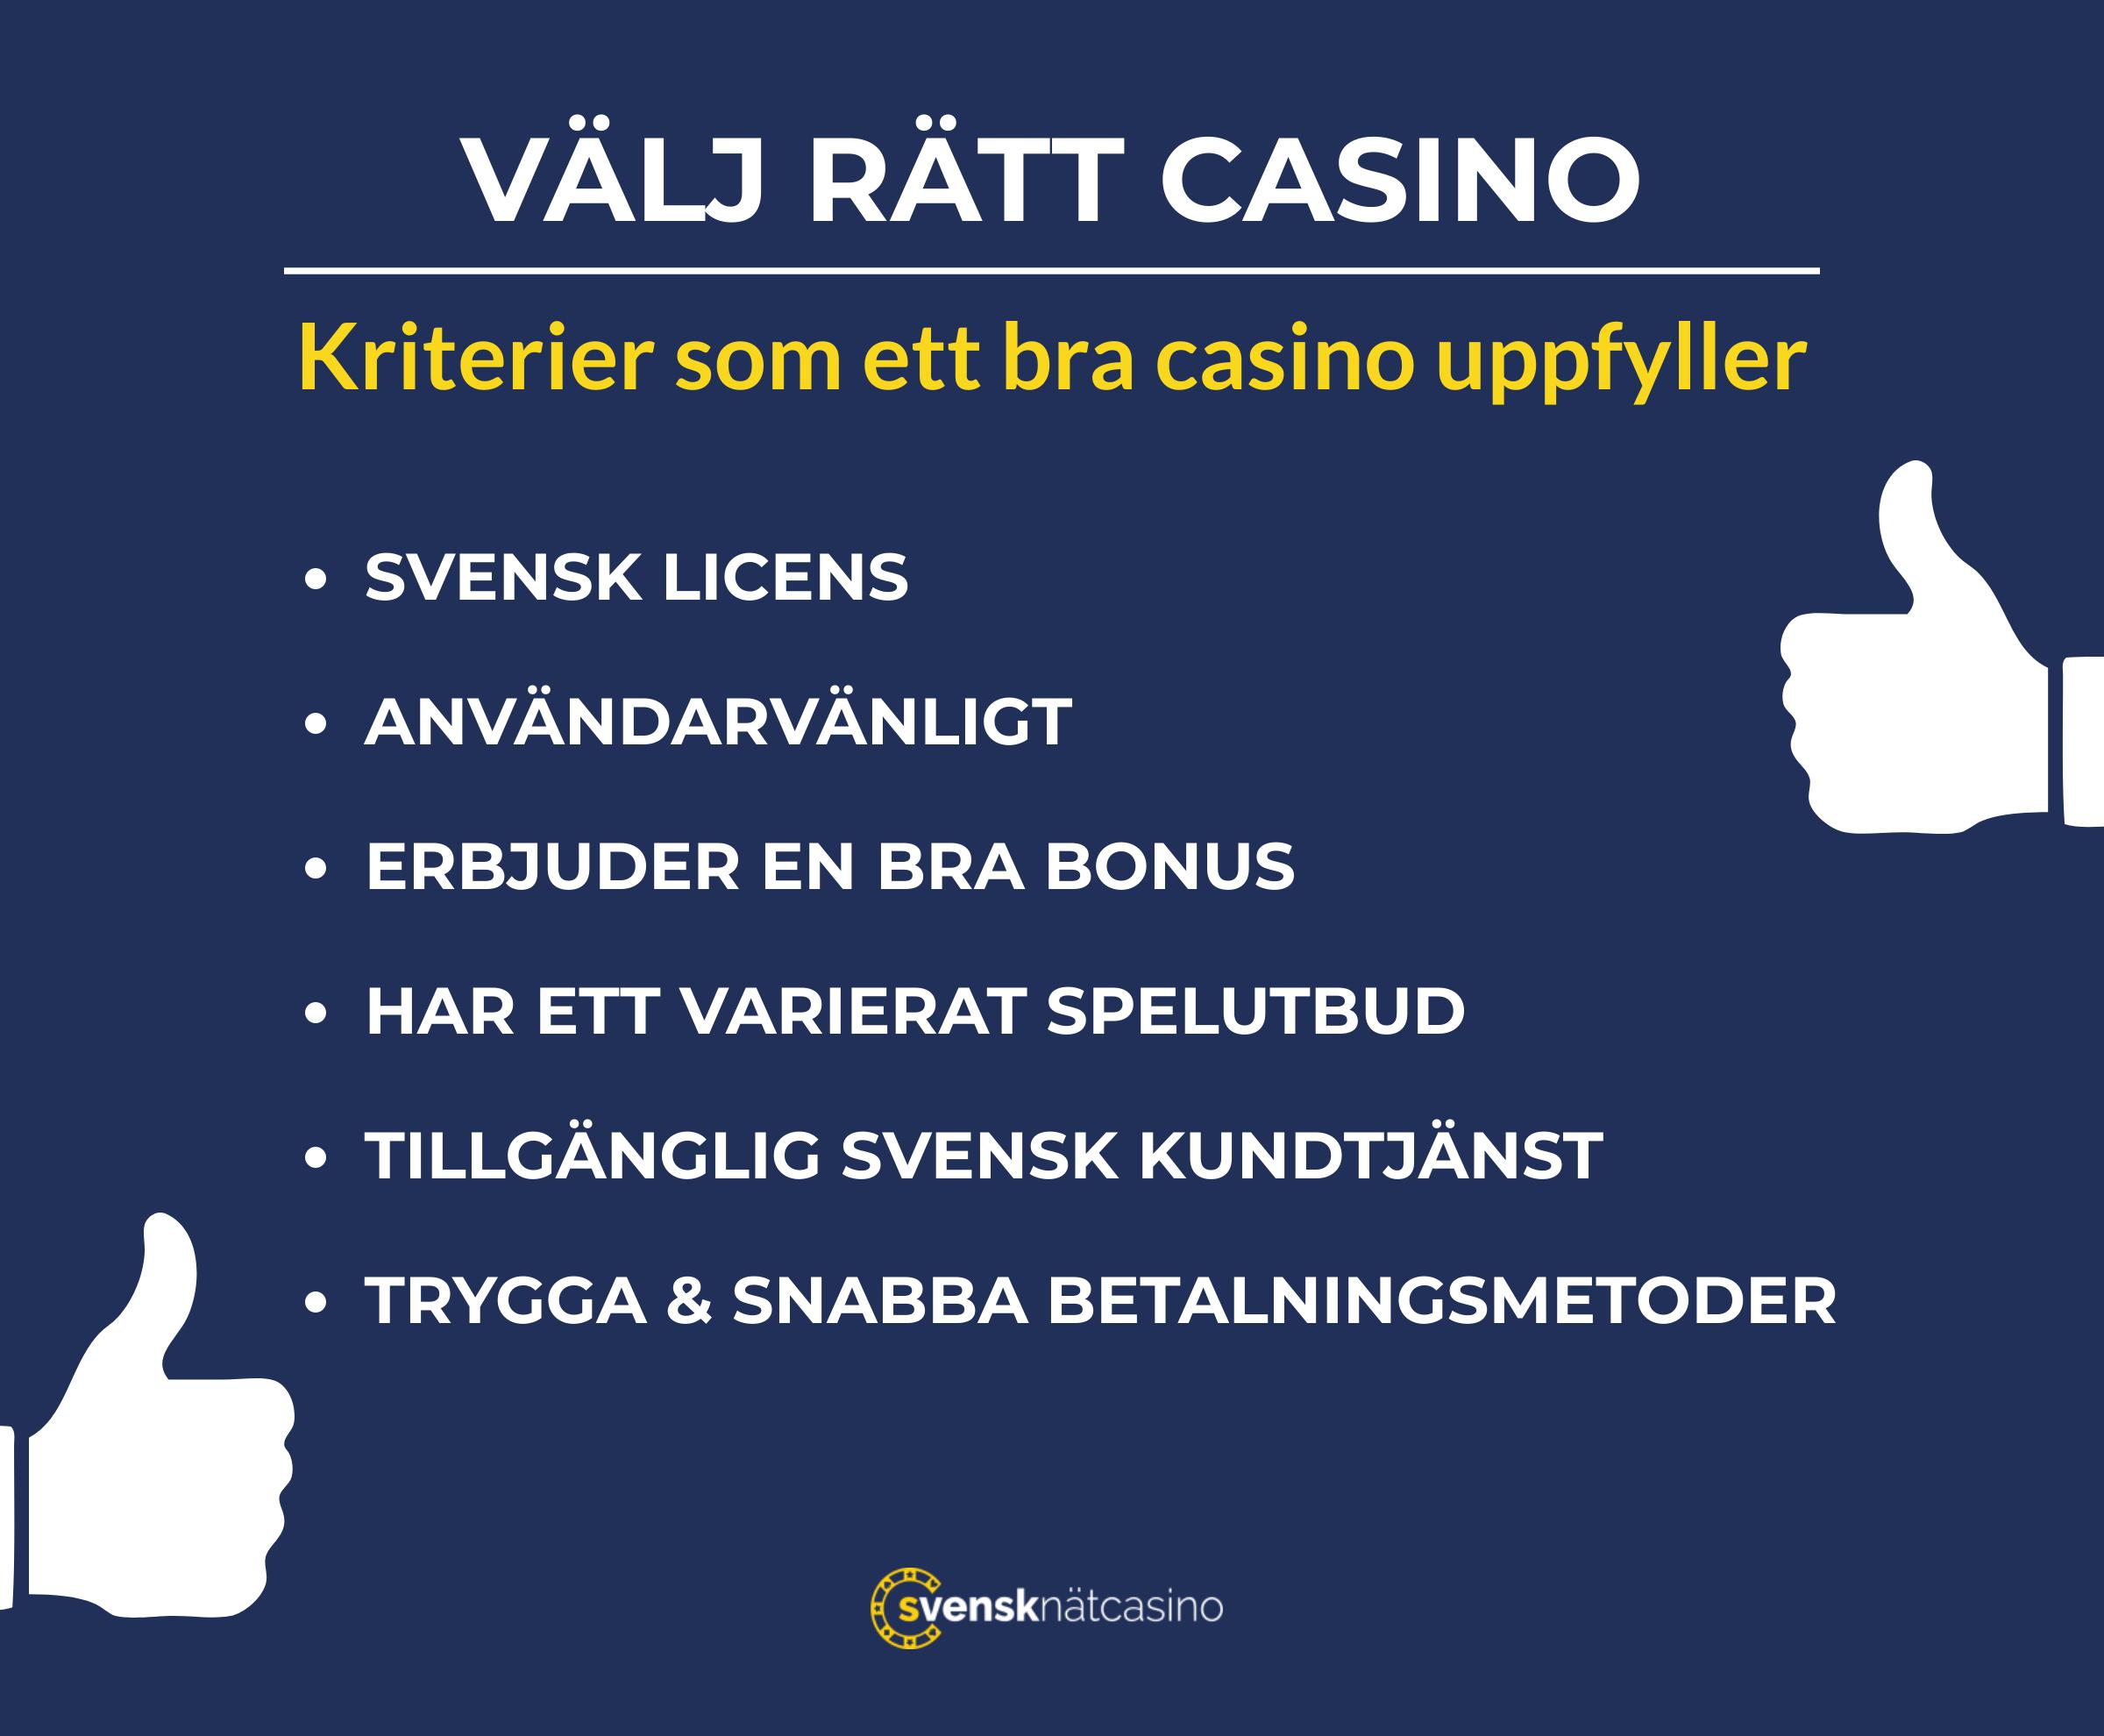 kriterier for att valja ratt natcasino svensknatcasino com